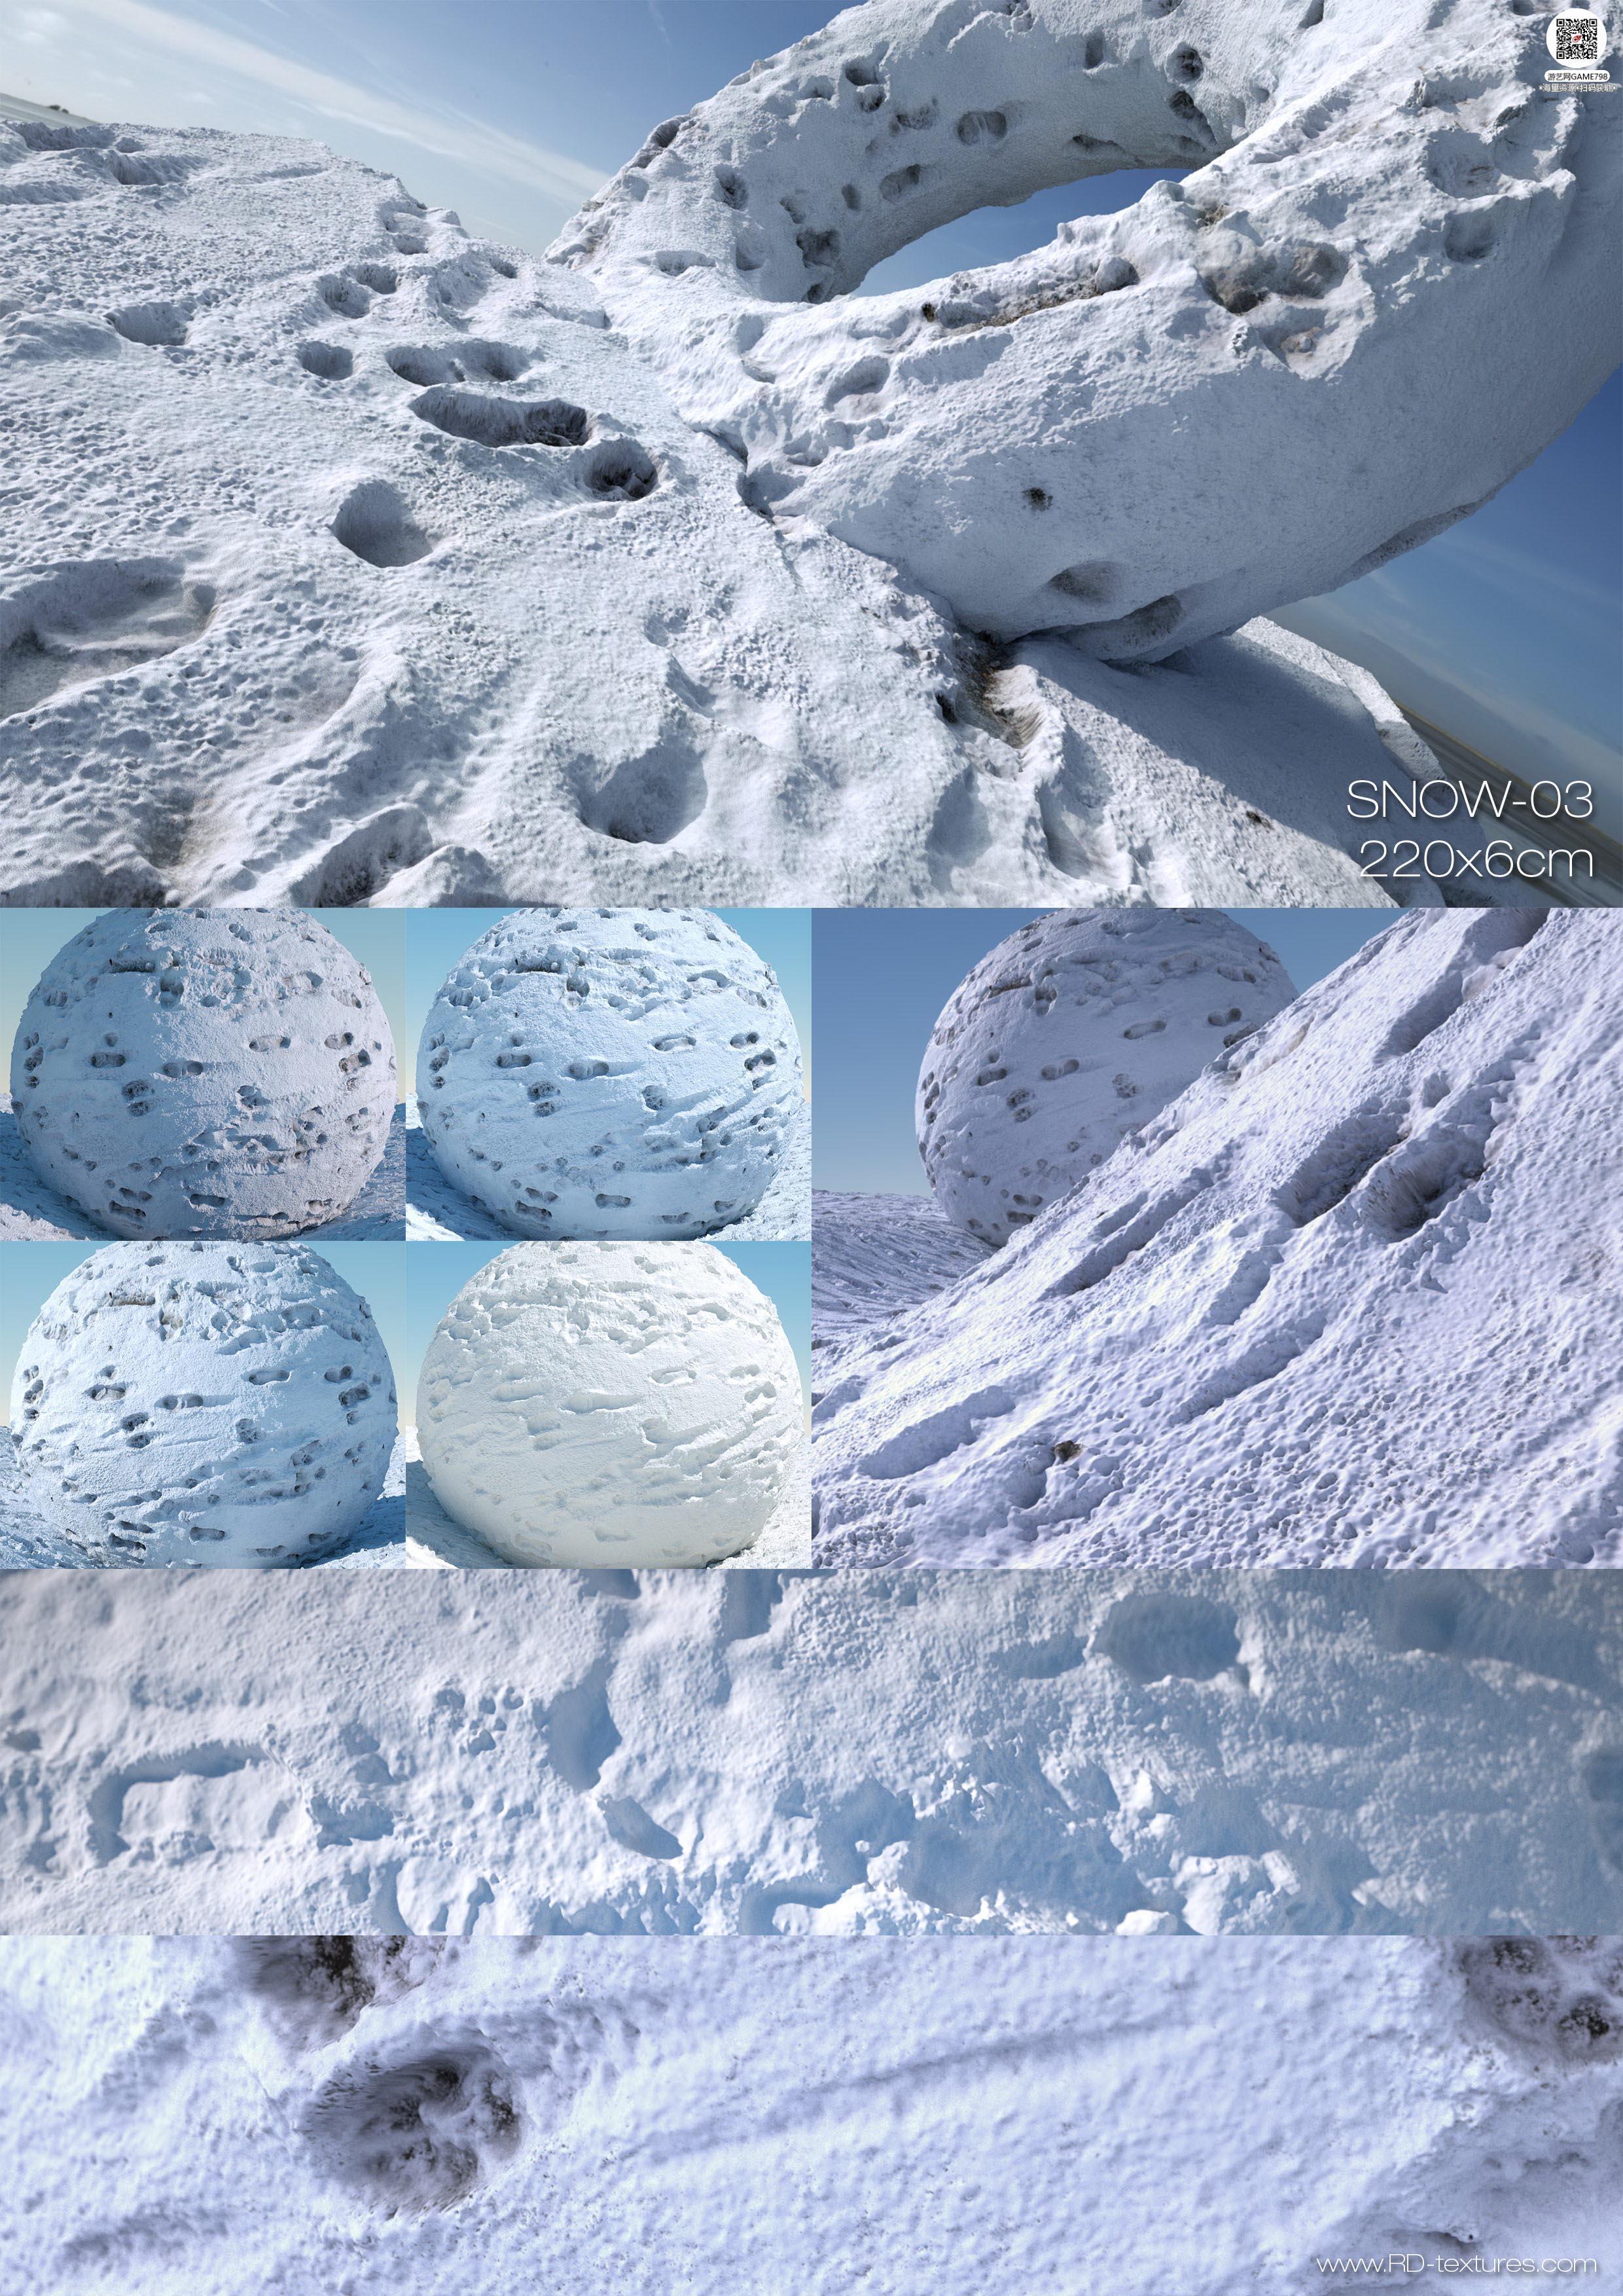 SNOW-03_220x6cm.jpg